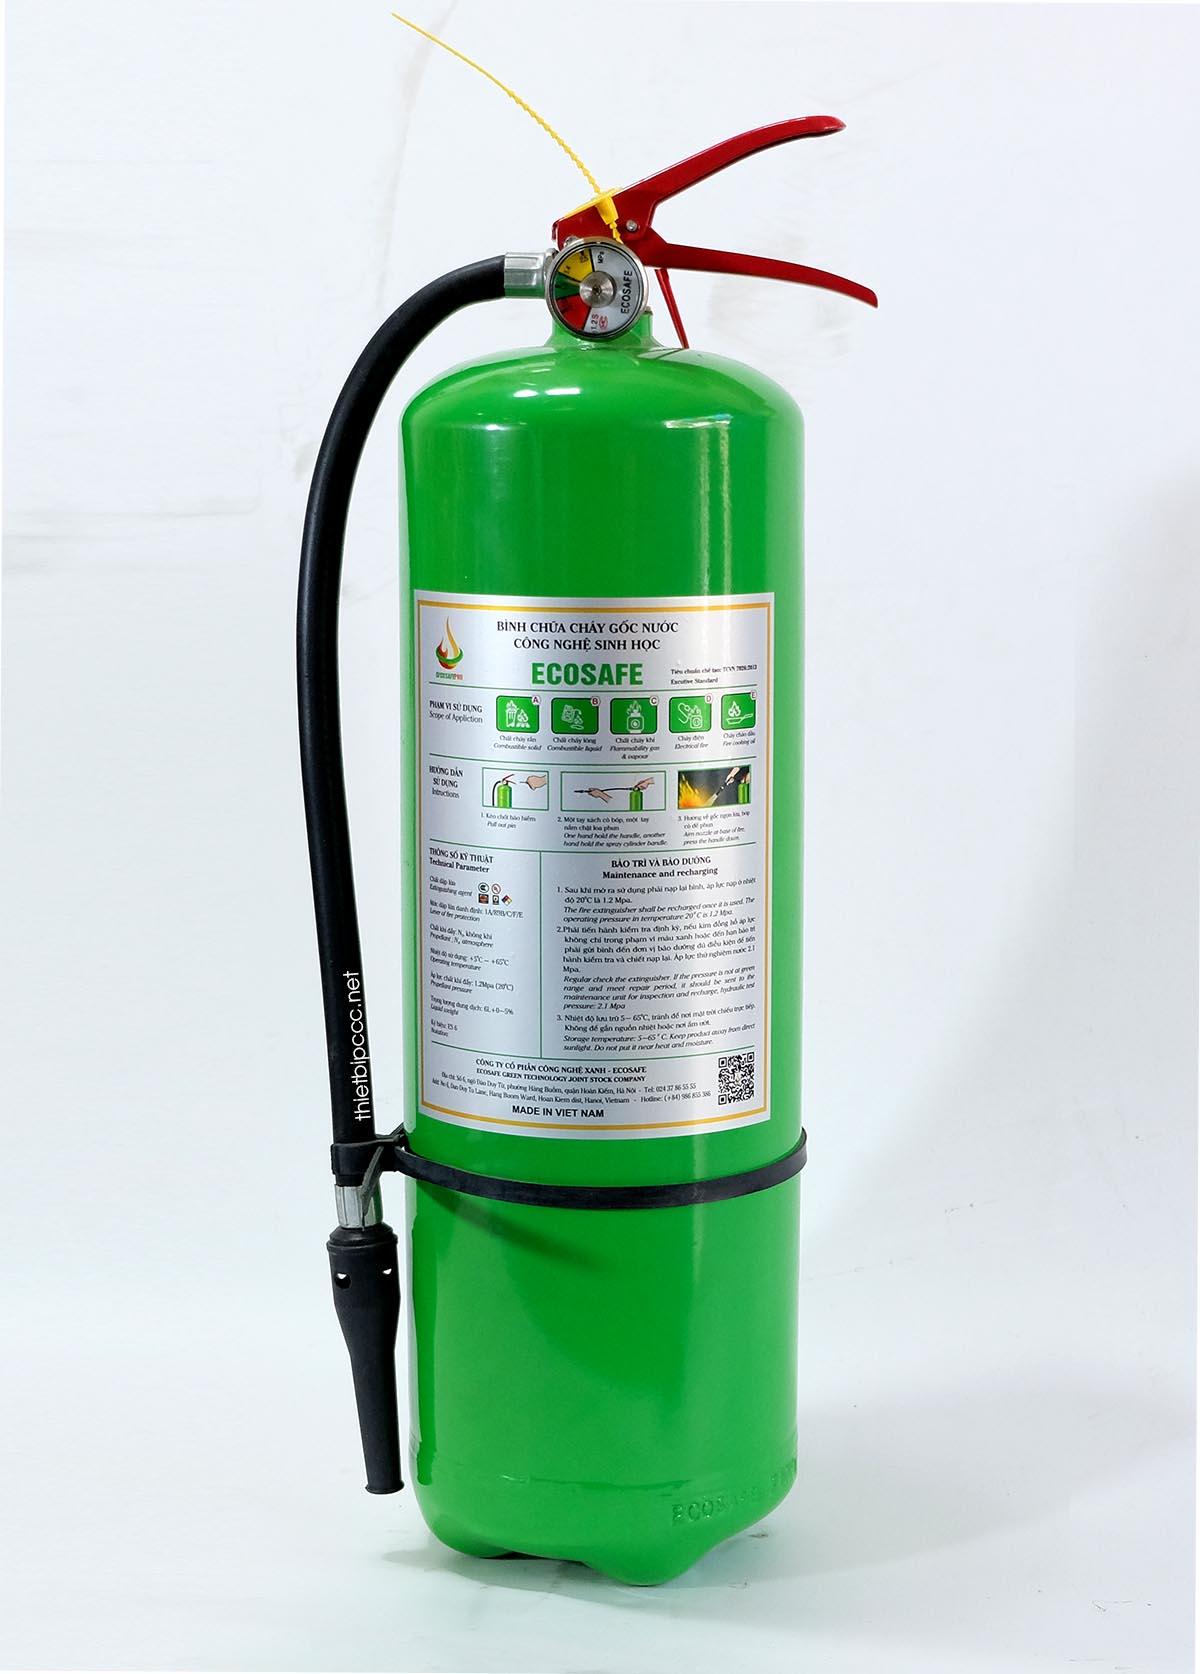 Bình chữa cháy gốc nước 6L ES6 Ecosafe Việt Nam